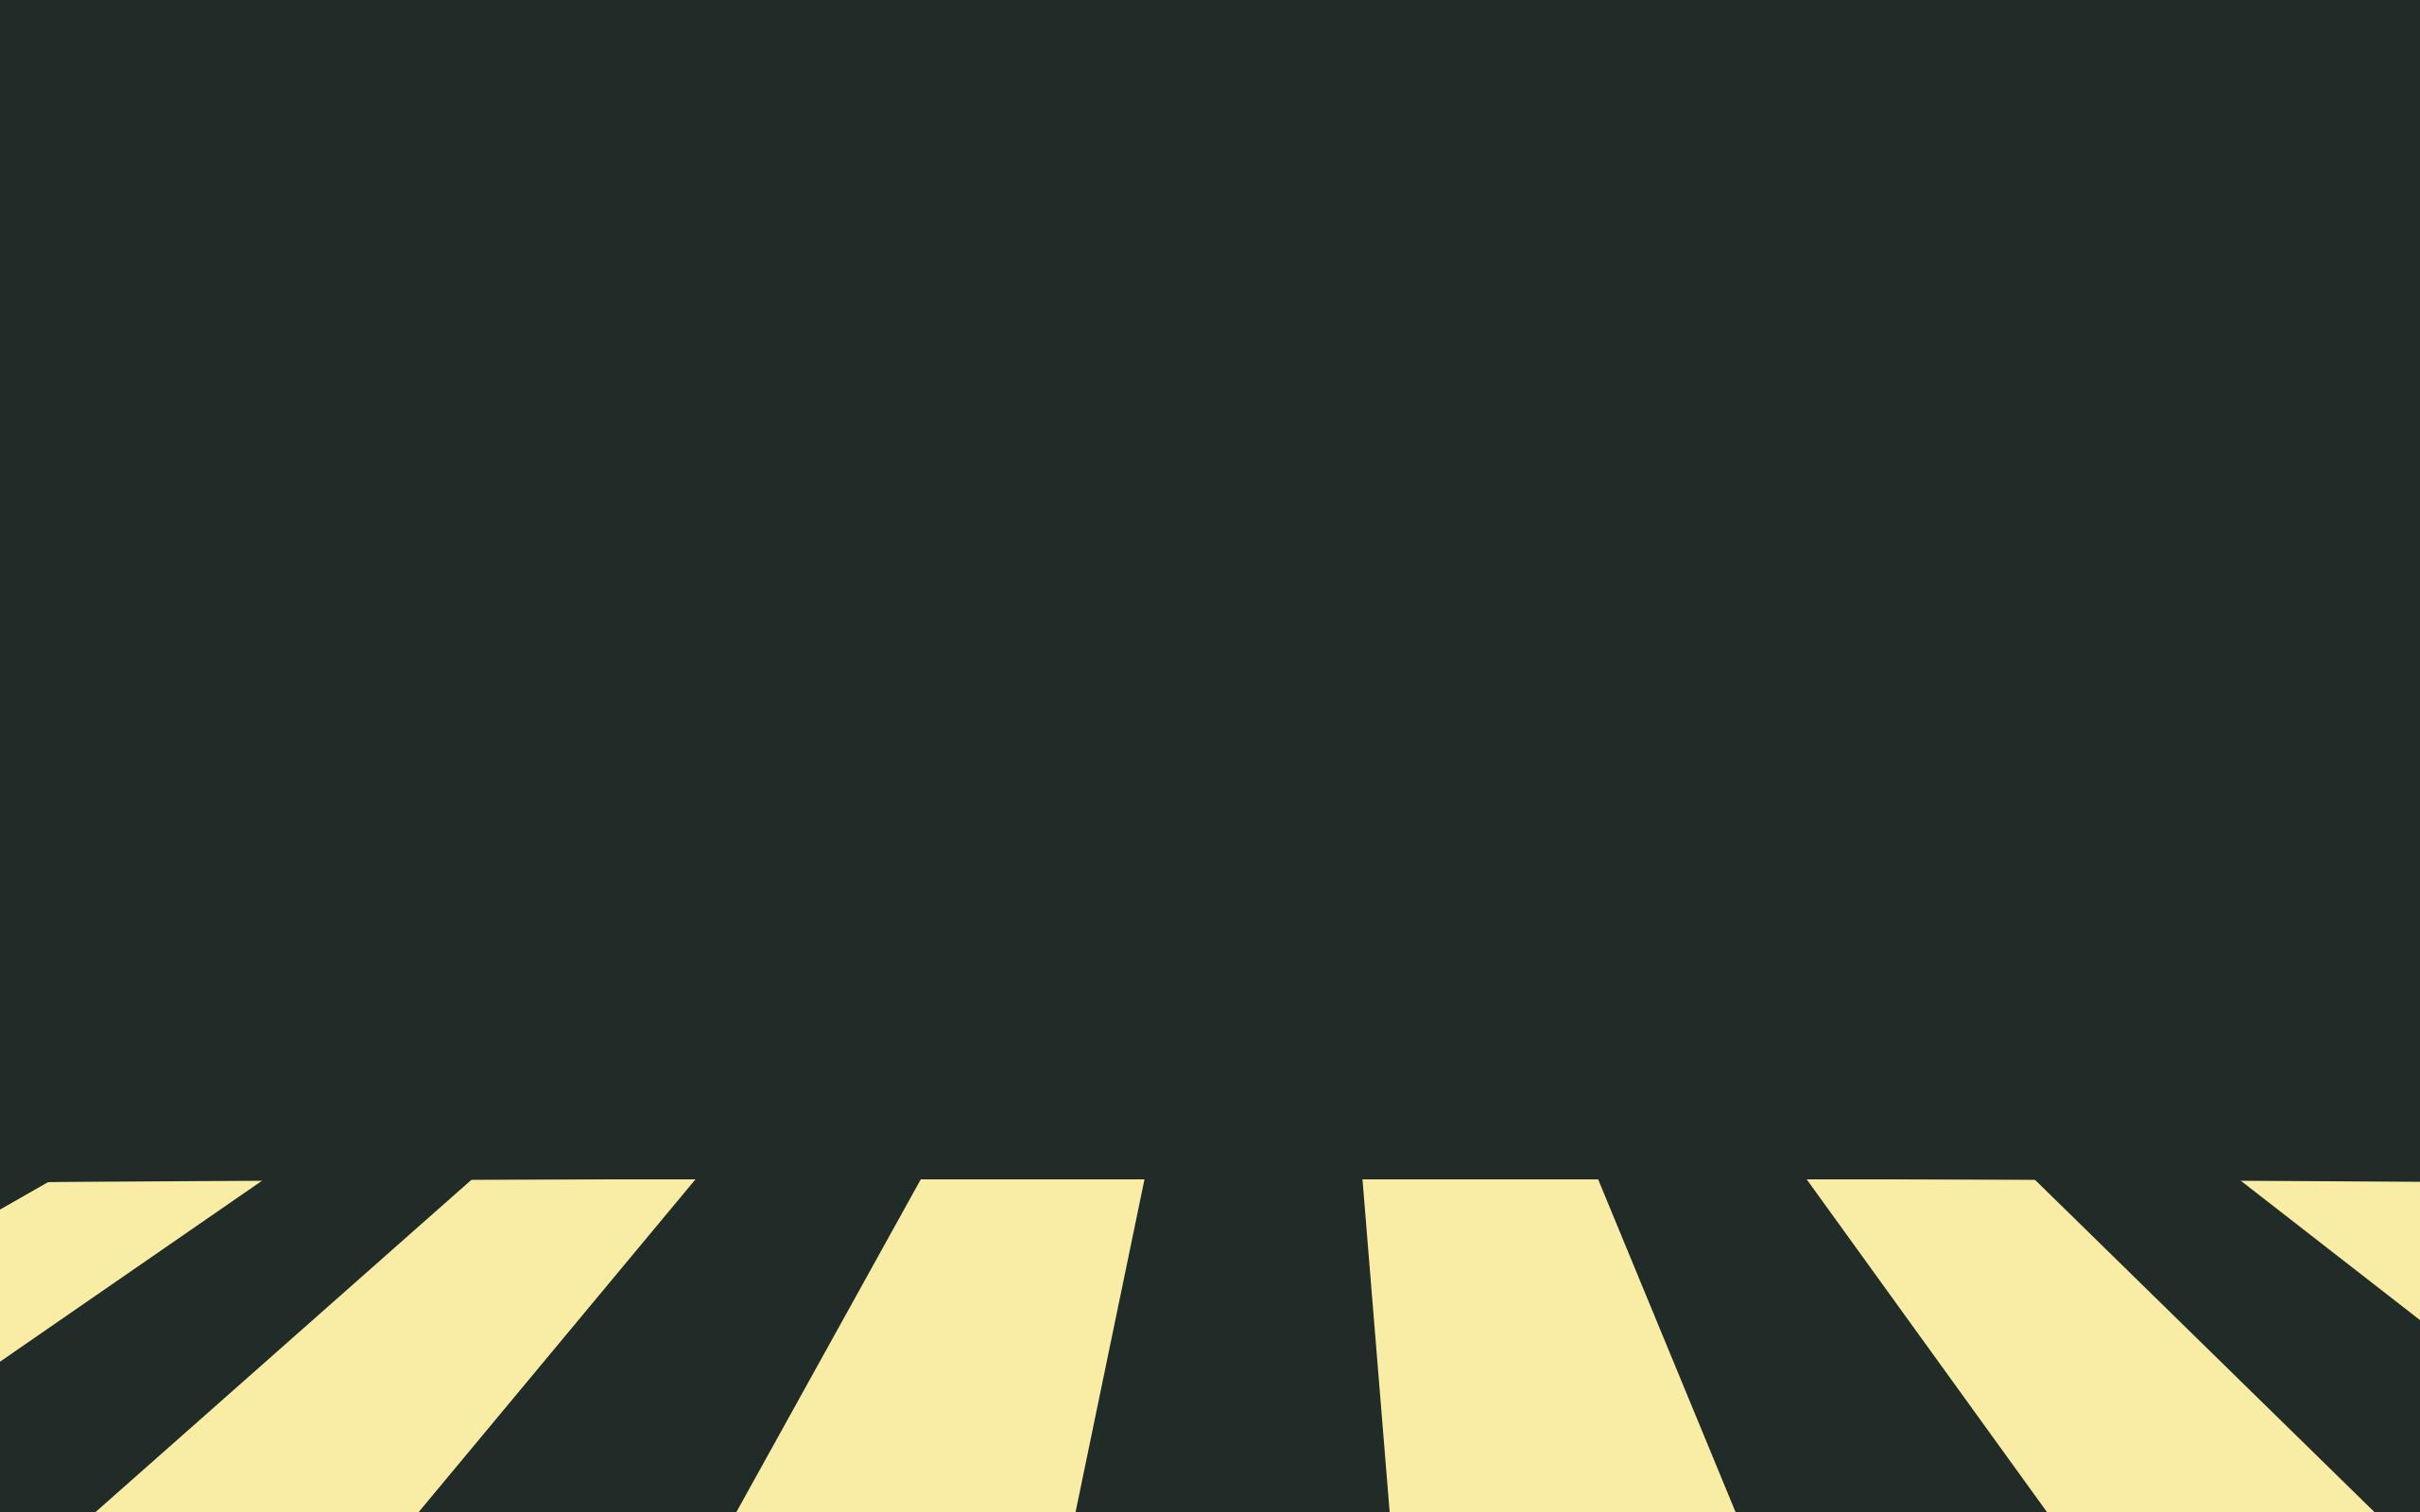 minimalist wallpaper 47357